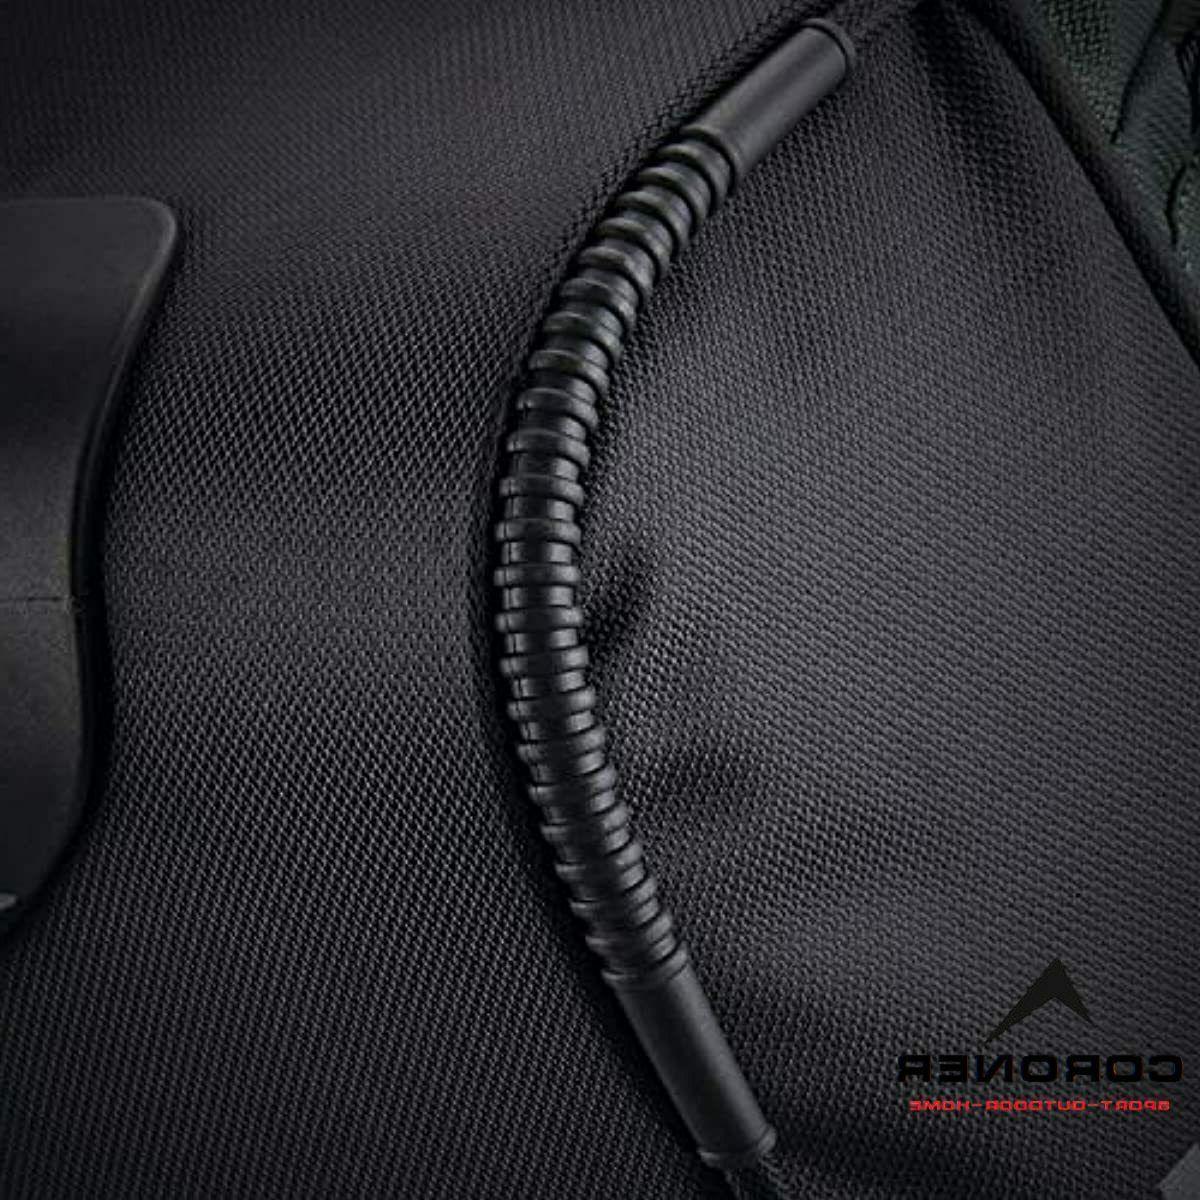 Samsonite Drop Bottom Bag, Green/Black,